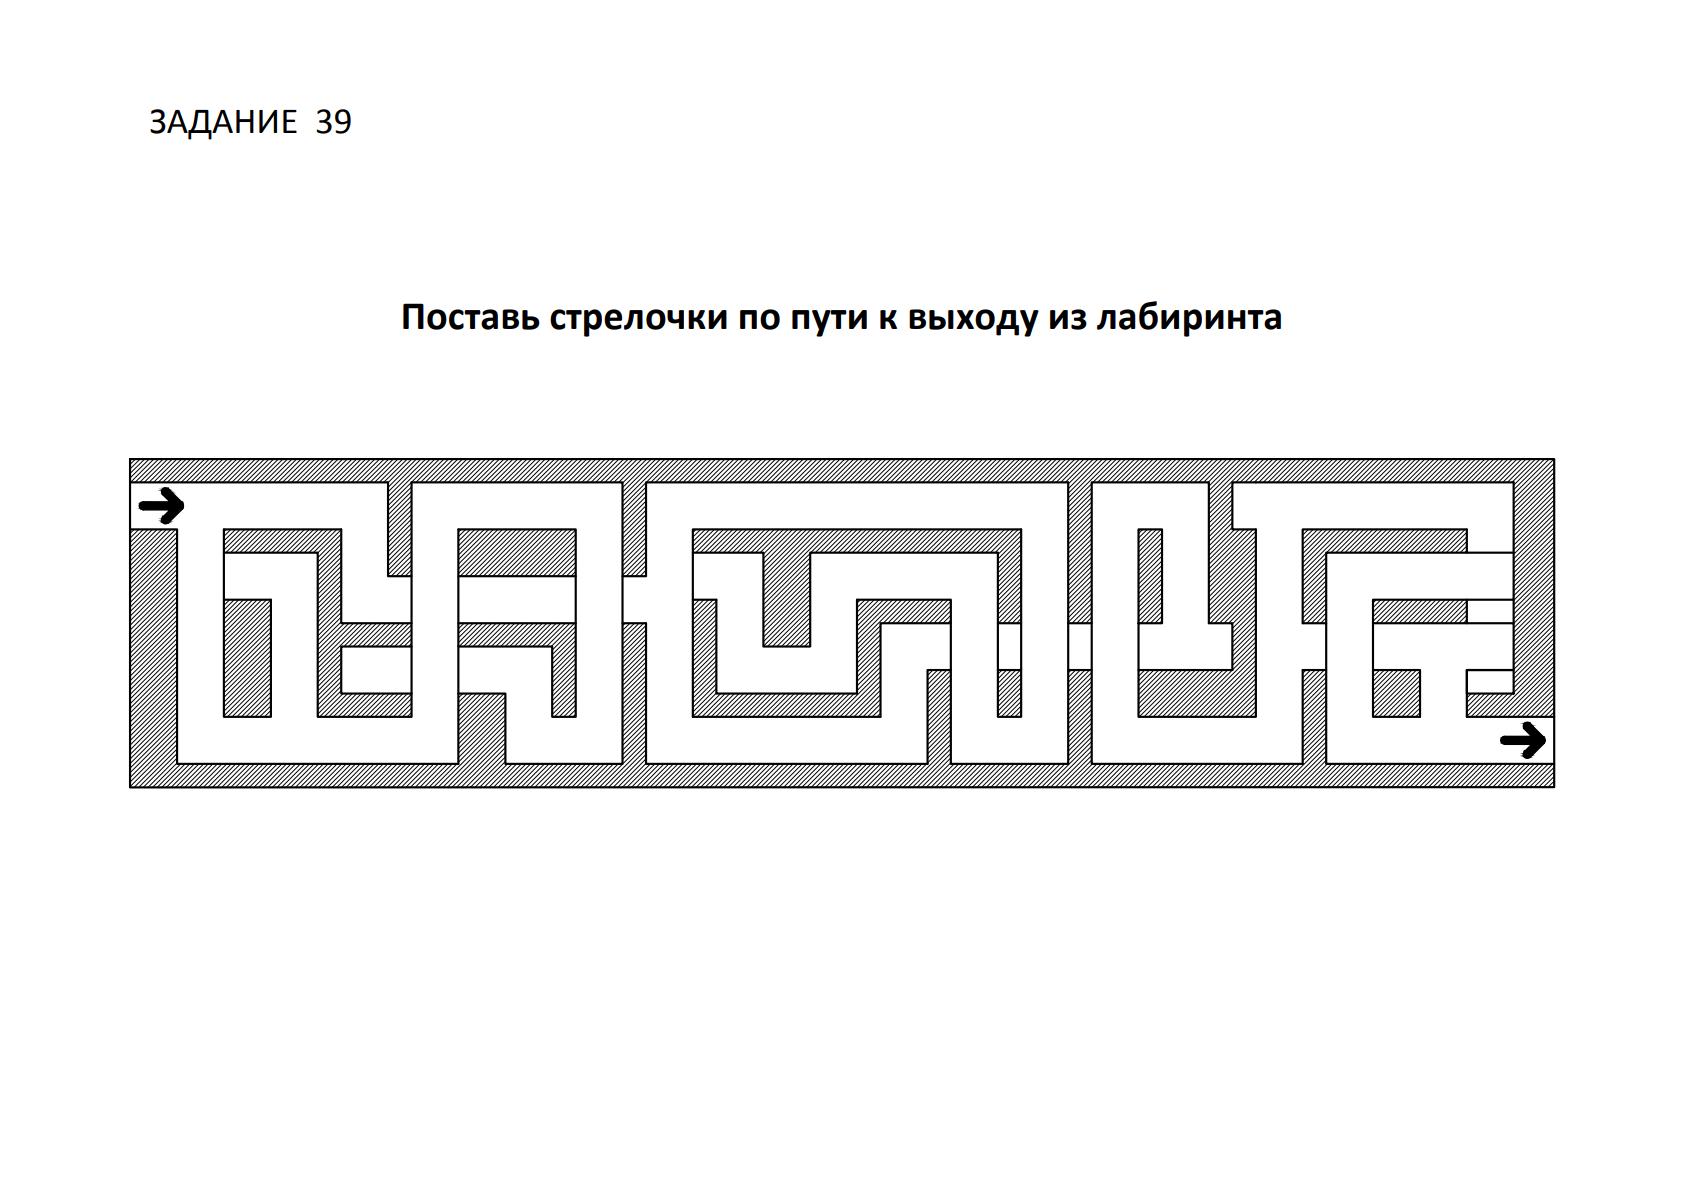 Задание 39 в тест игре Ольгины Задачки.